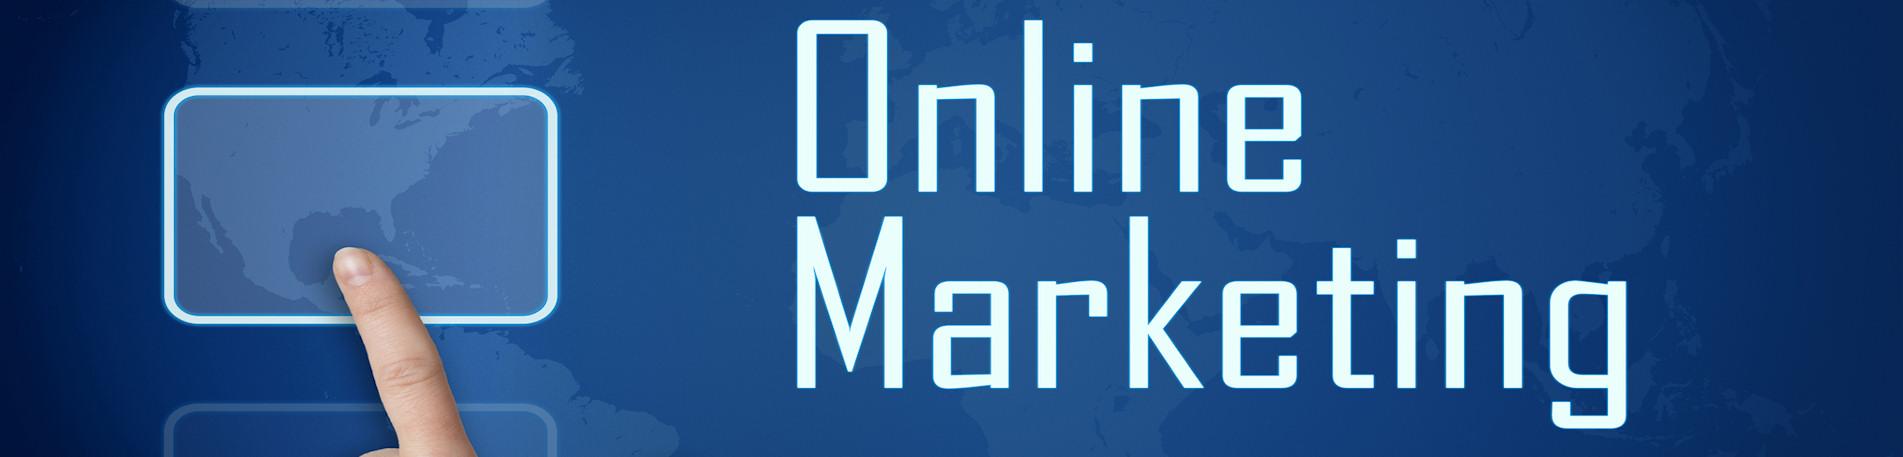 online-marketing-1903x457